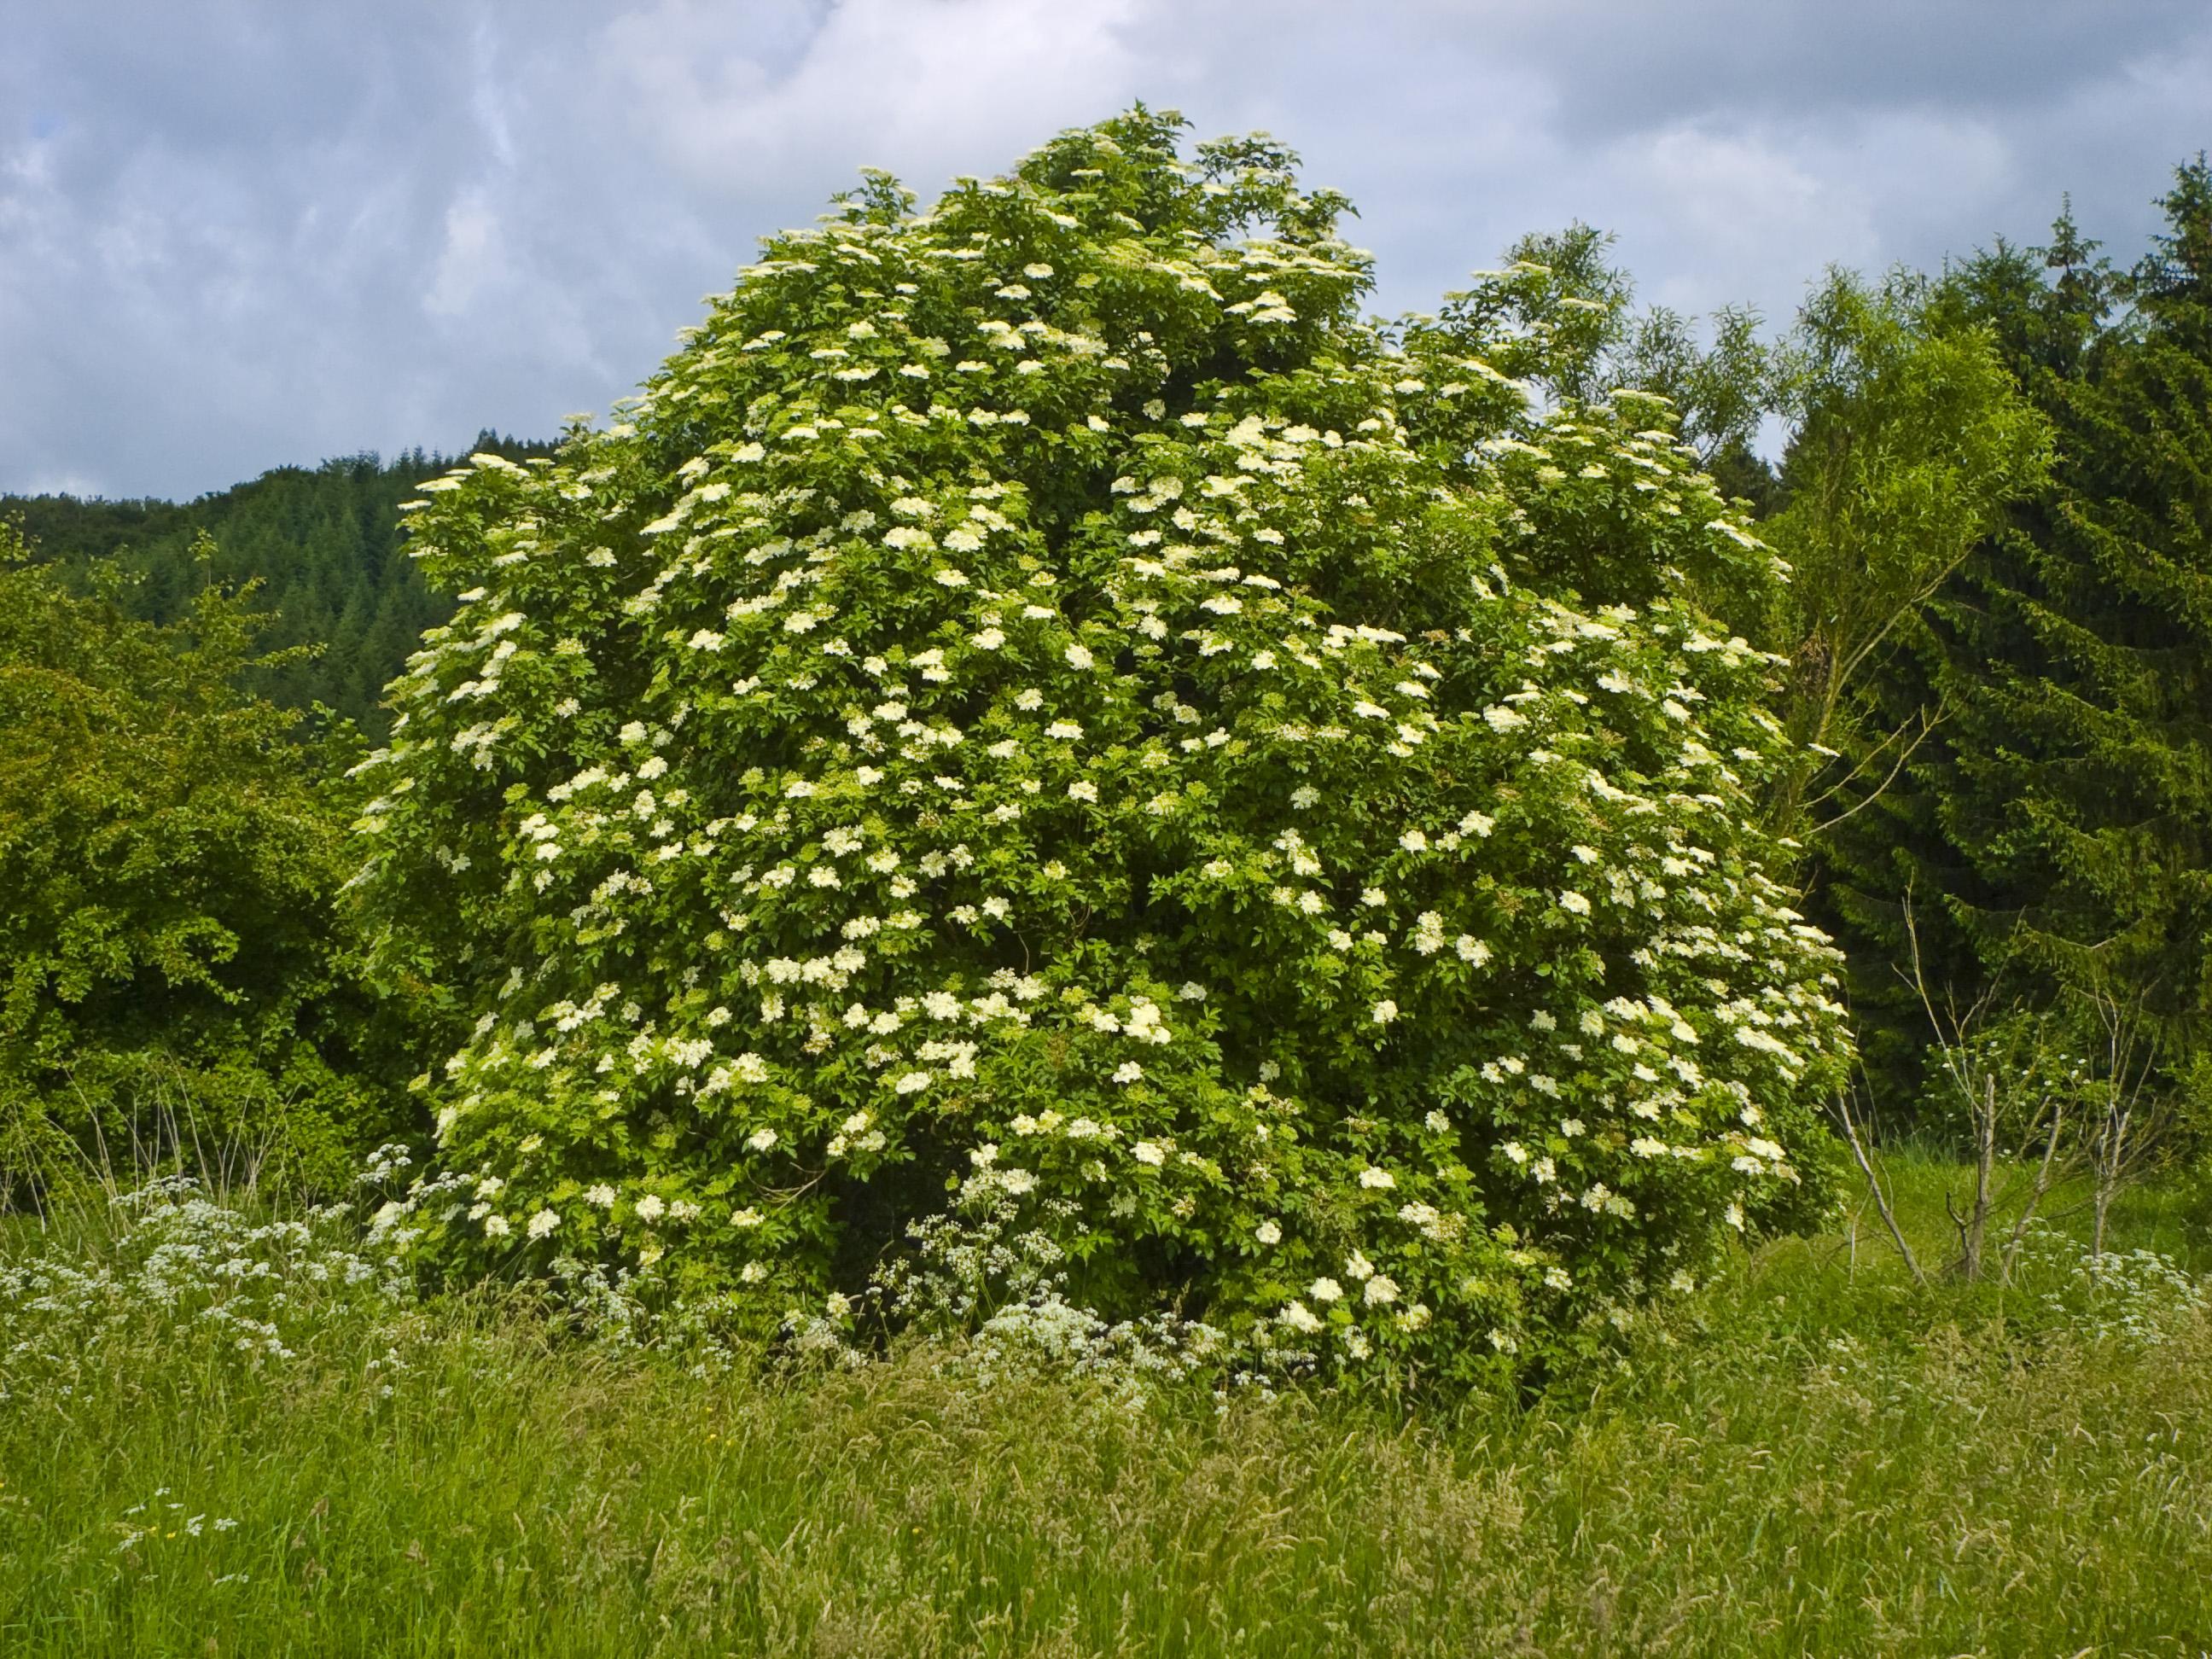 Sambucus_nigra_fonte wikipedia commons